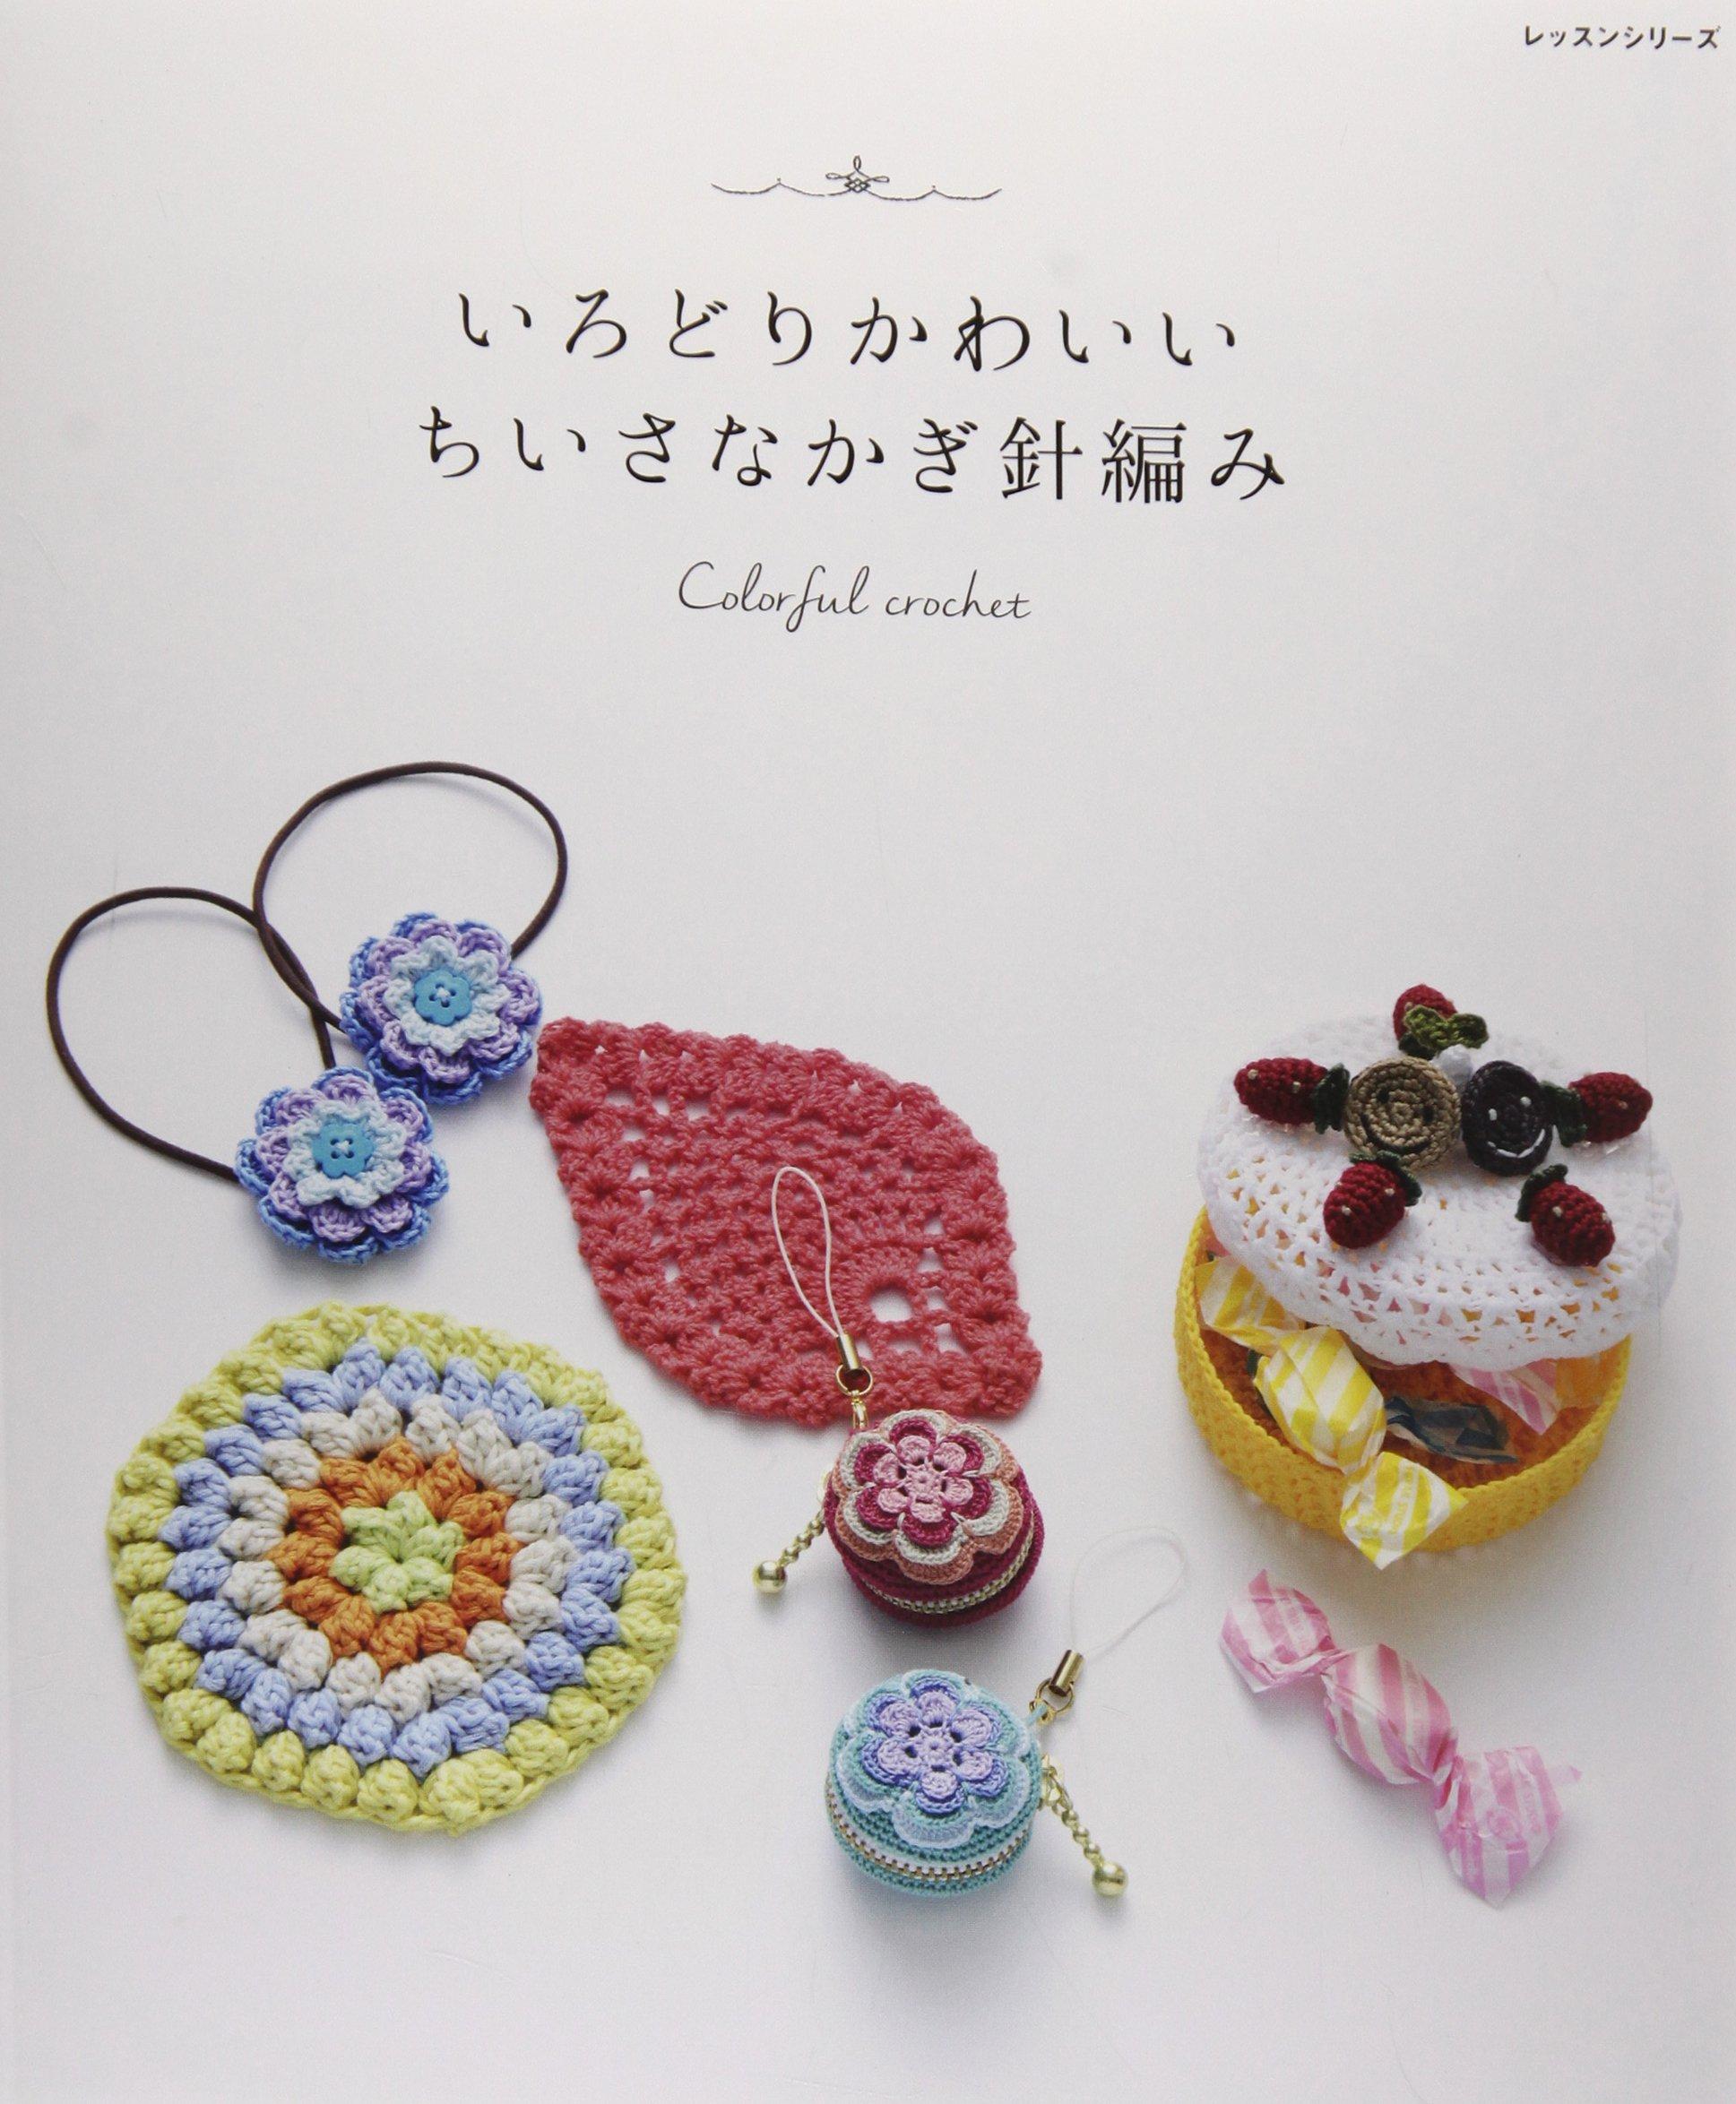 いろどりかわいいちいさなかぎ針編み